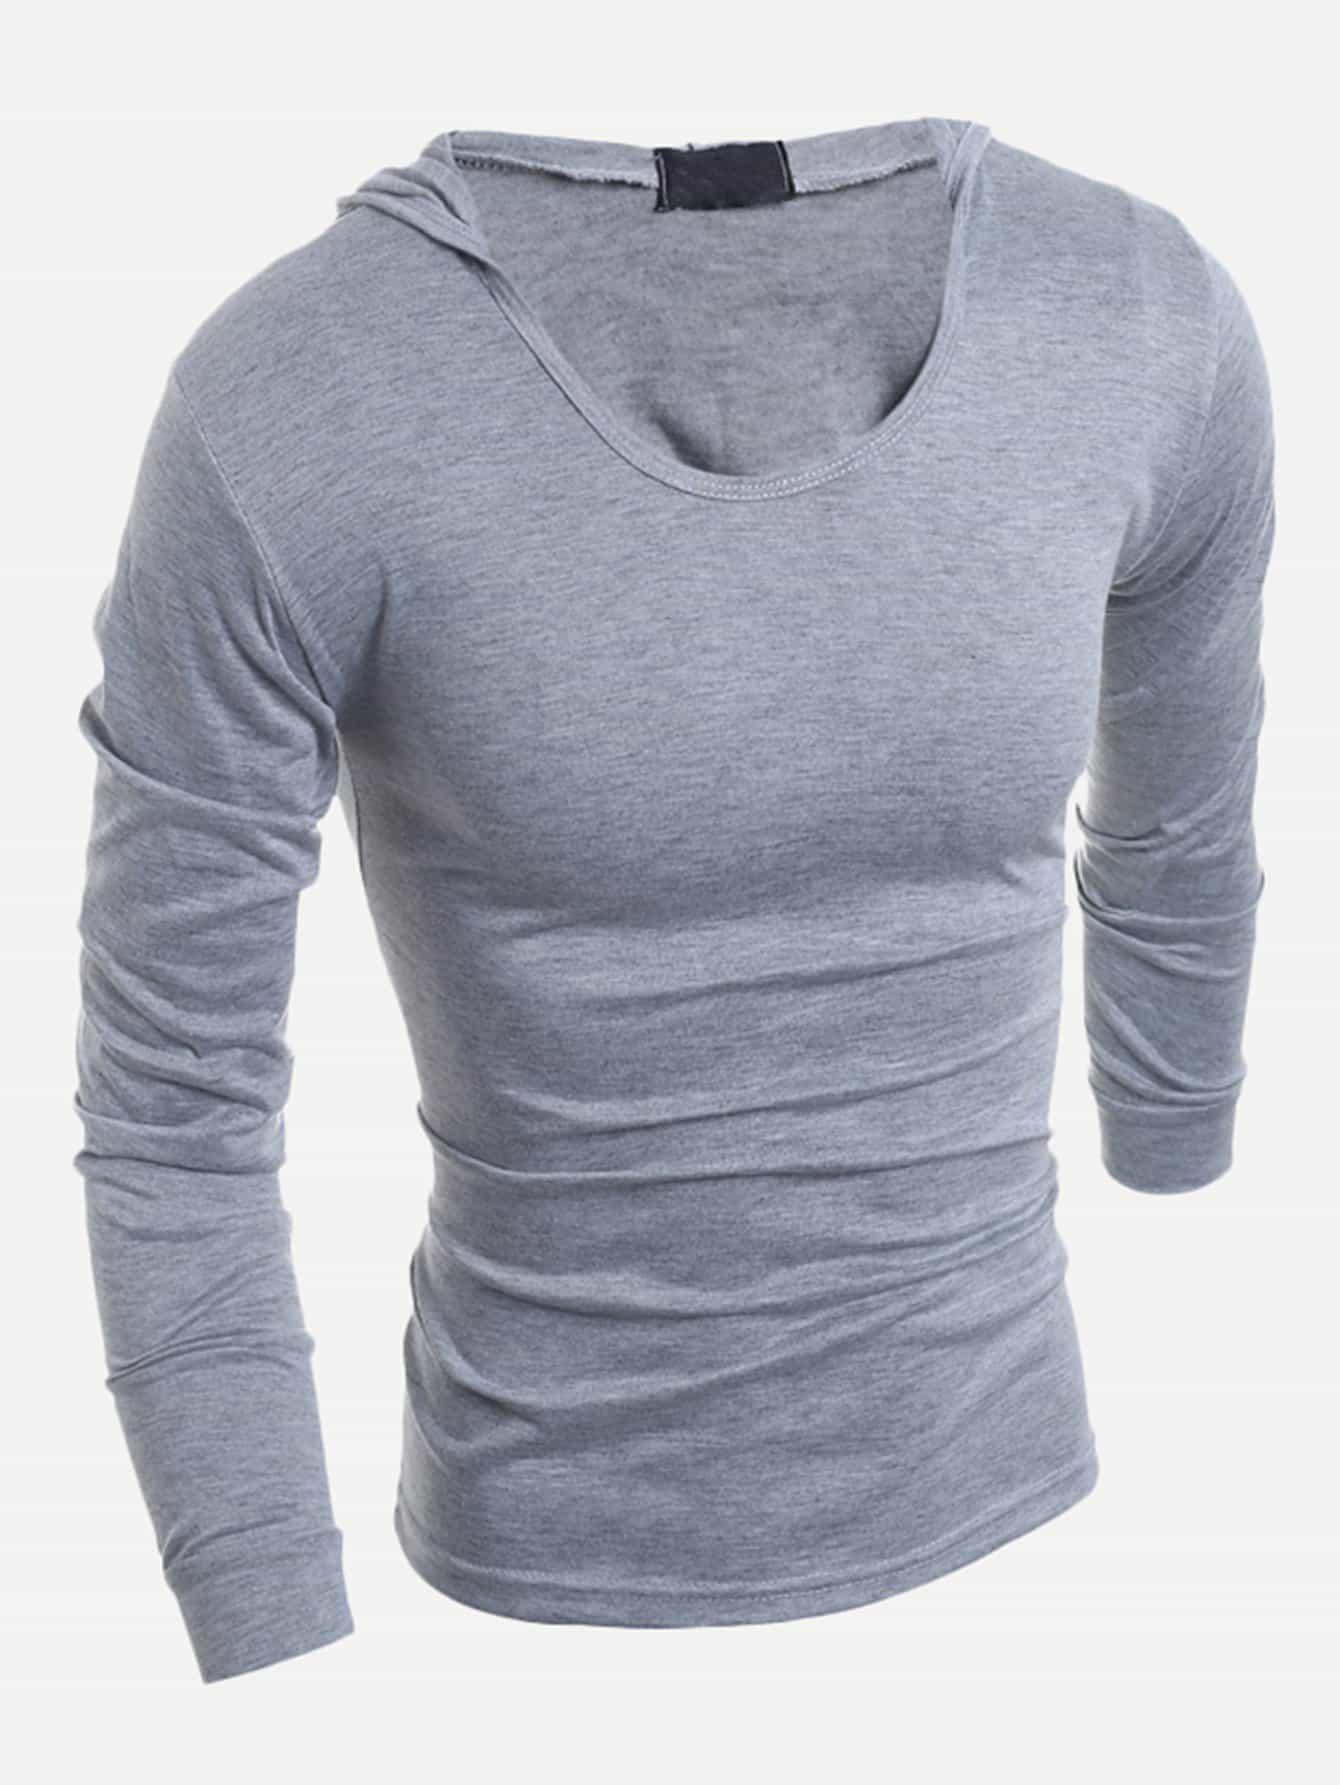 Купить Простая футболка с капюшоном для мужчины, null, SheIn